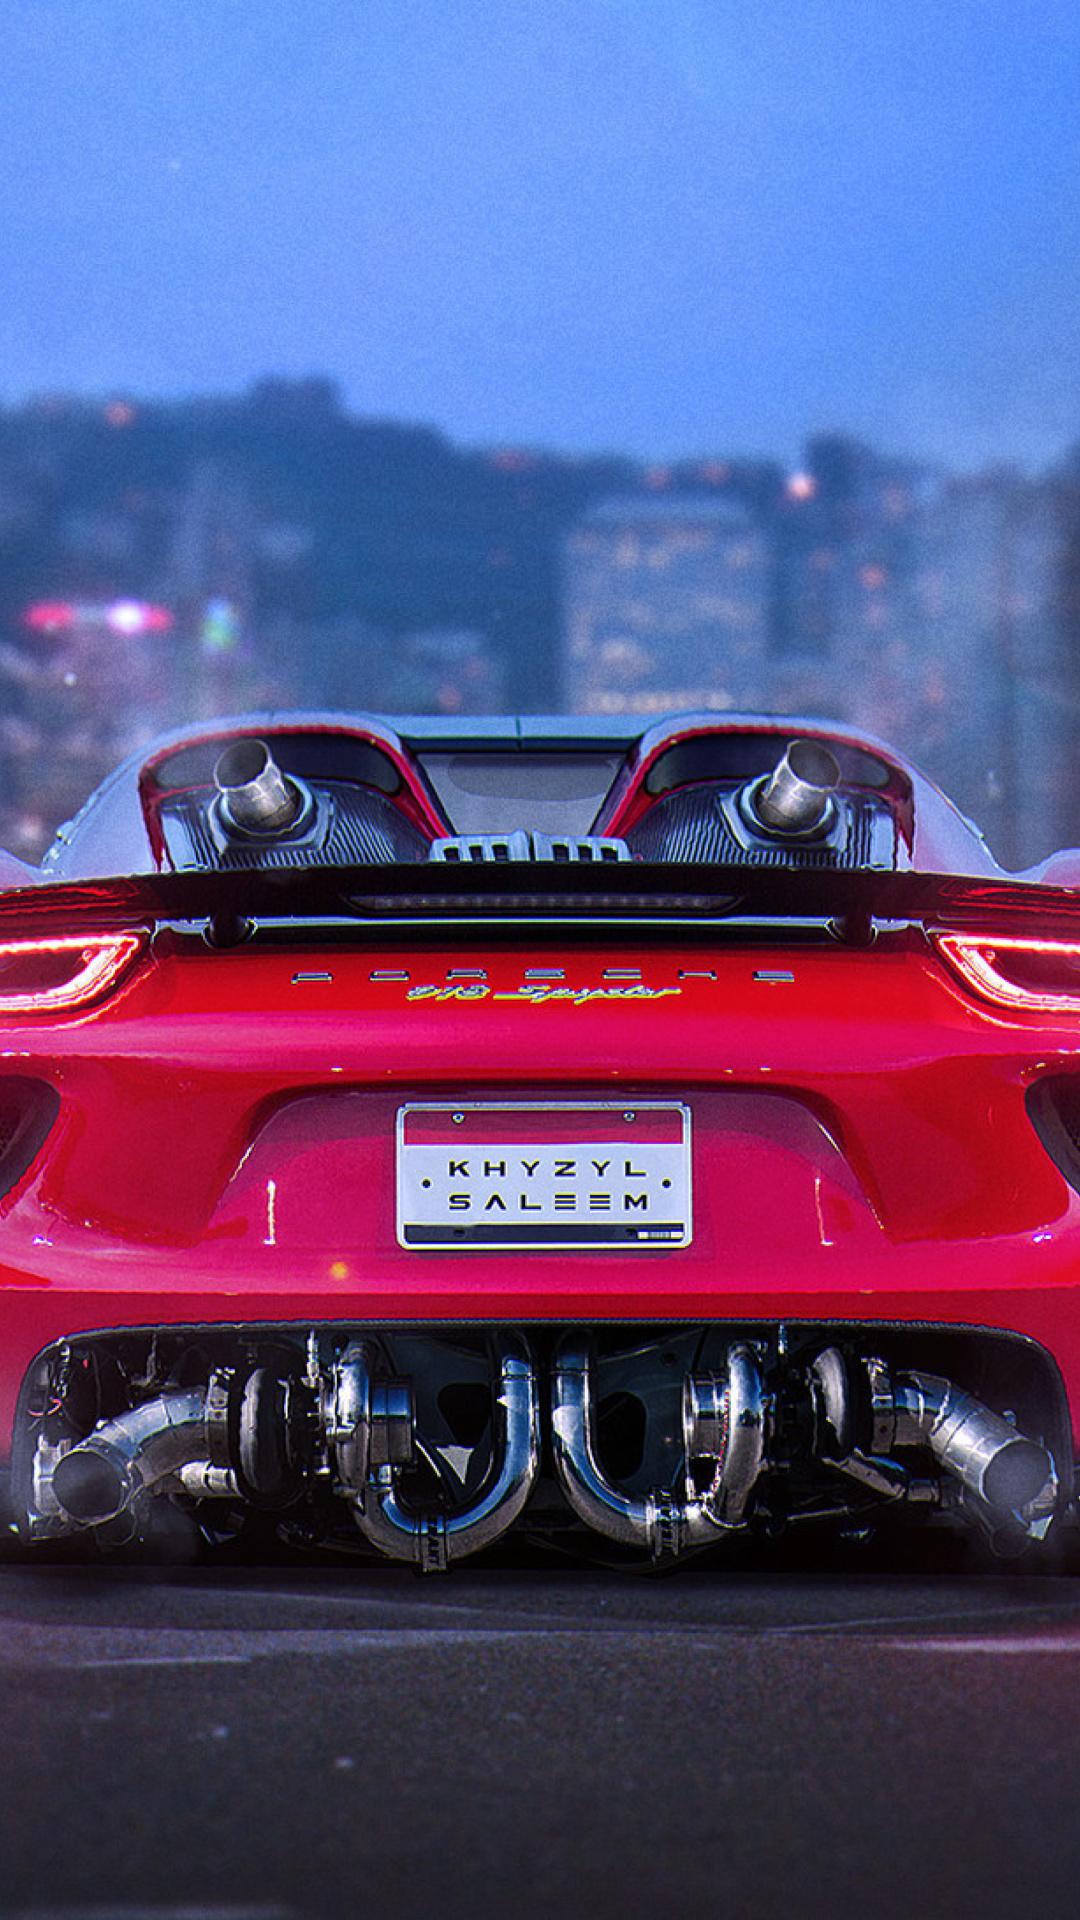 Porsche 918 Spyder Cute Iphone Wallpapers Hd 5 Wallpaper 4